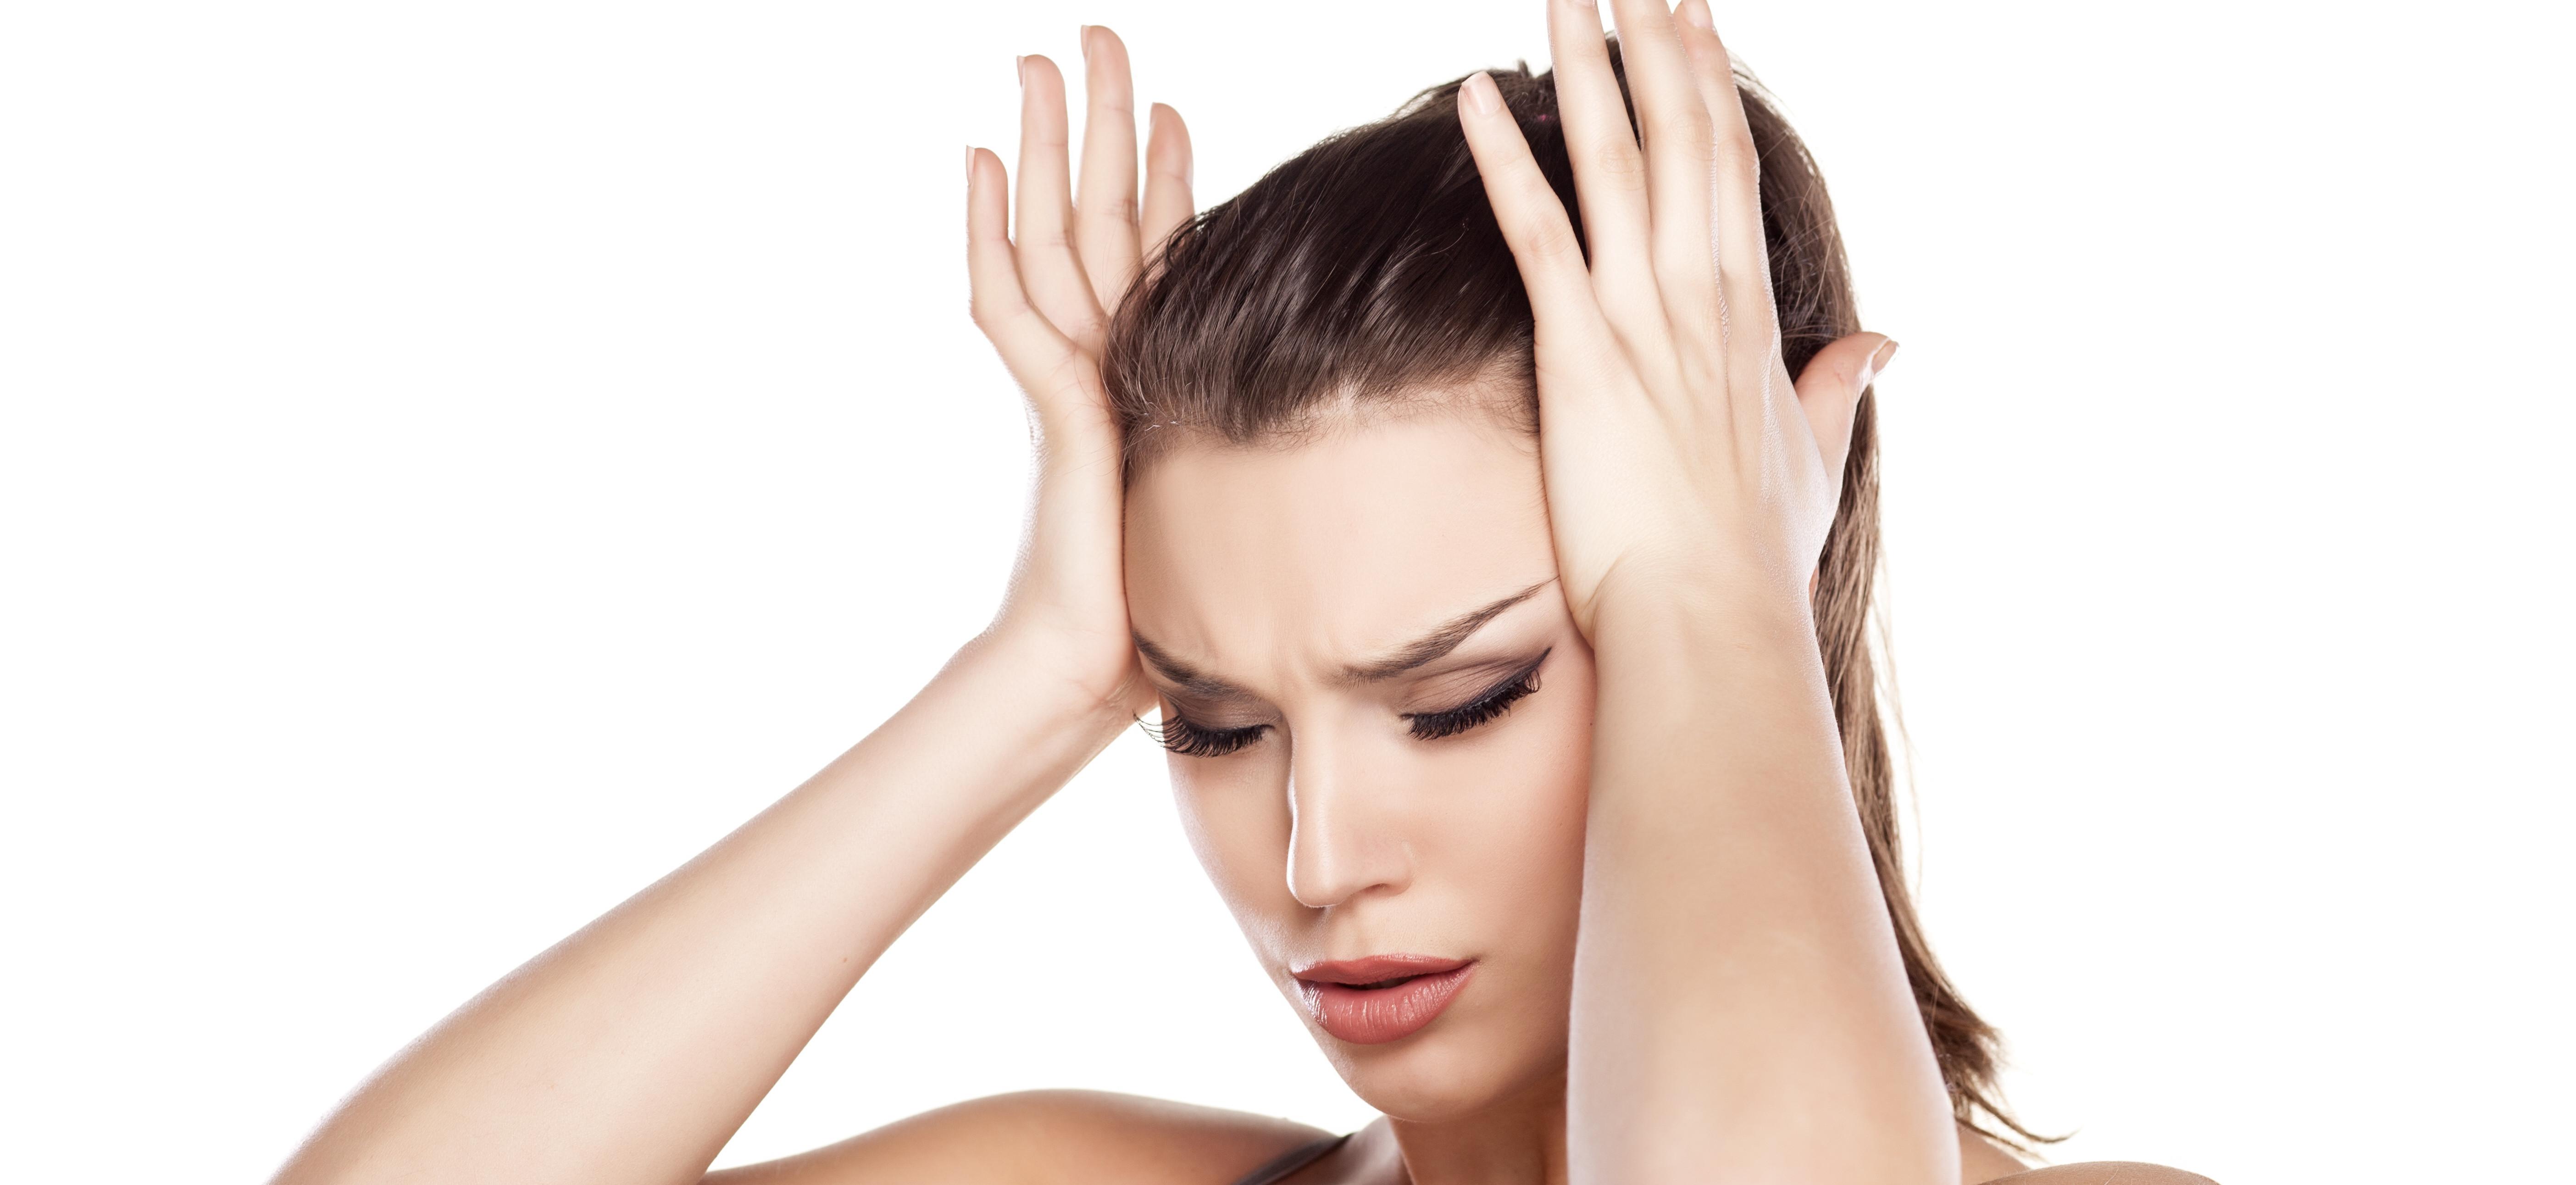 hoofdpijn bij bewegen